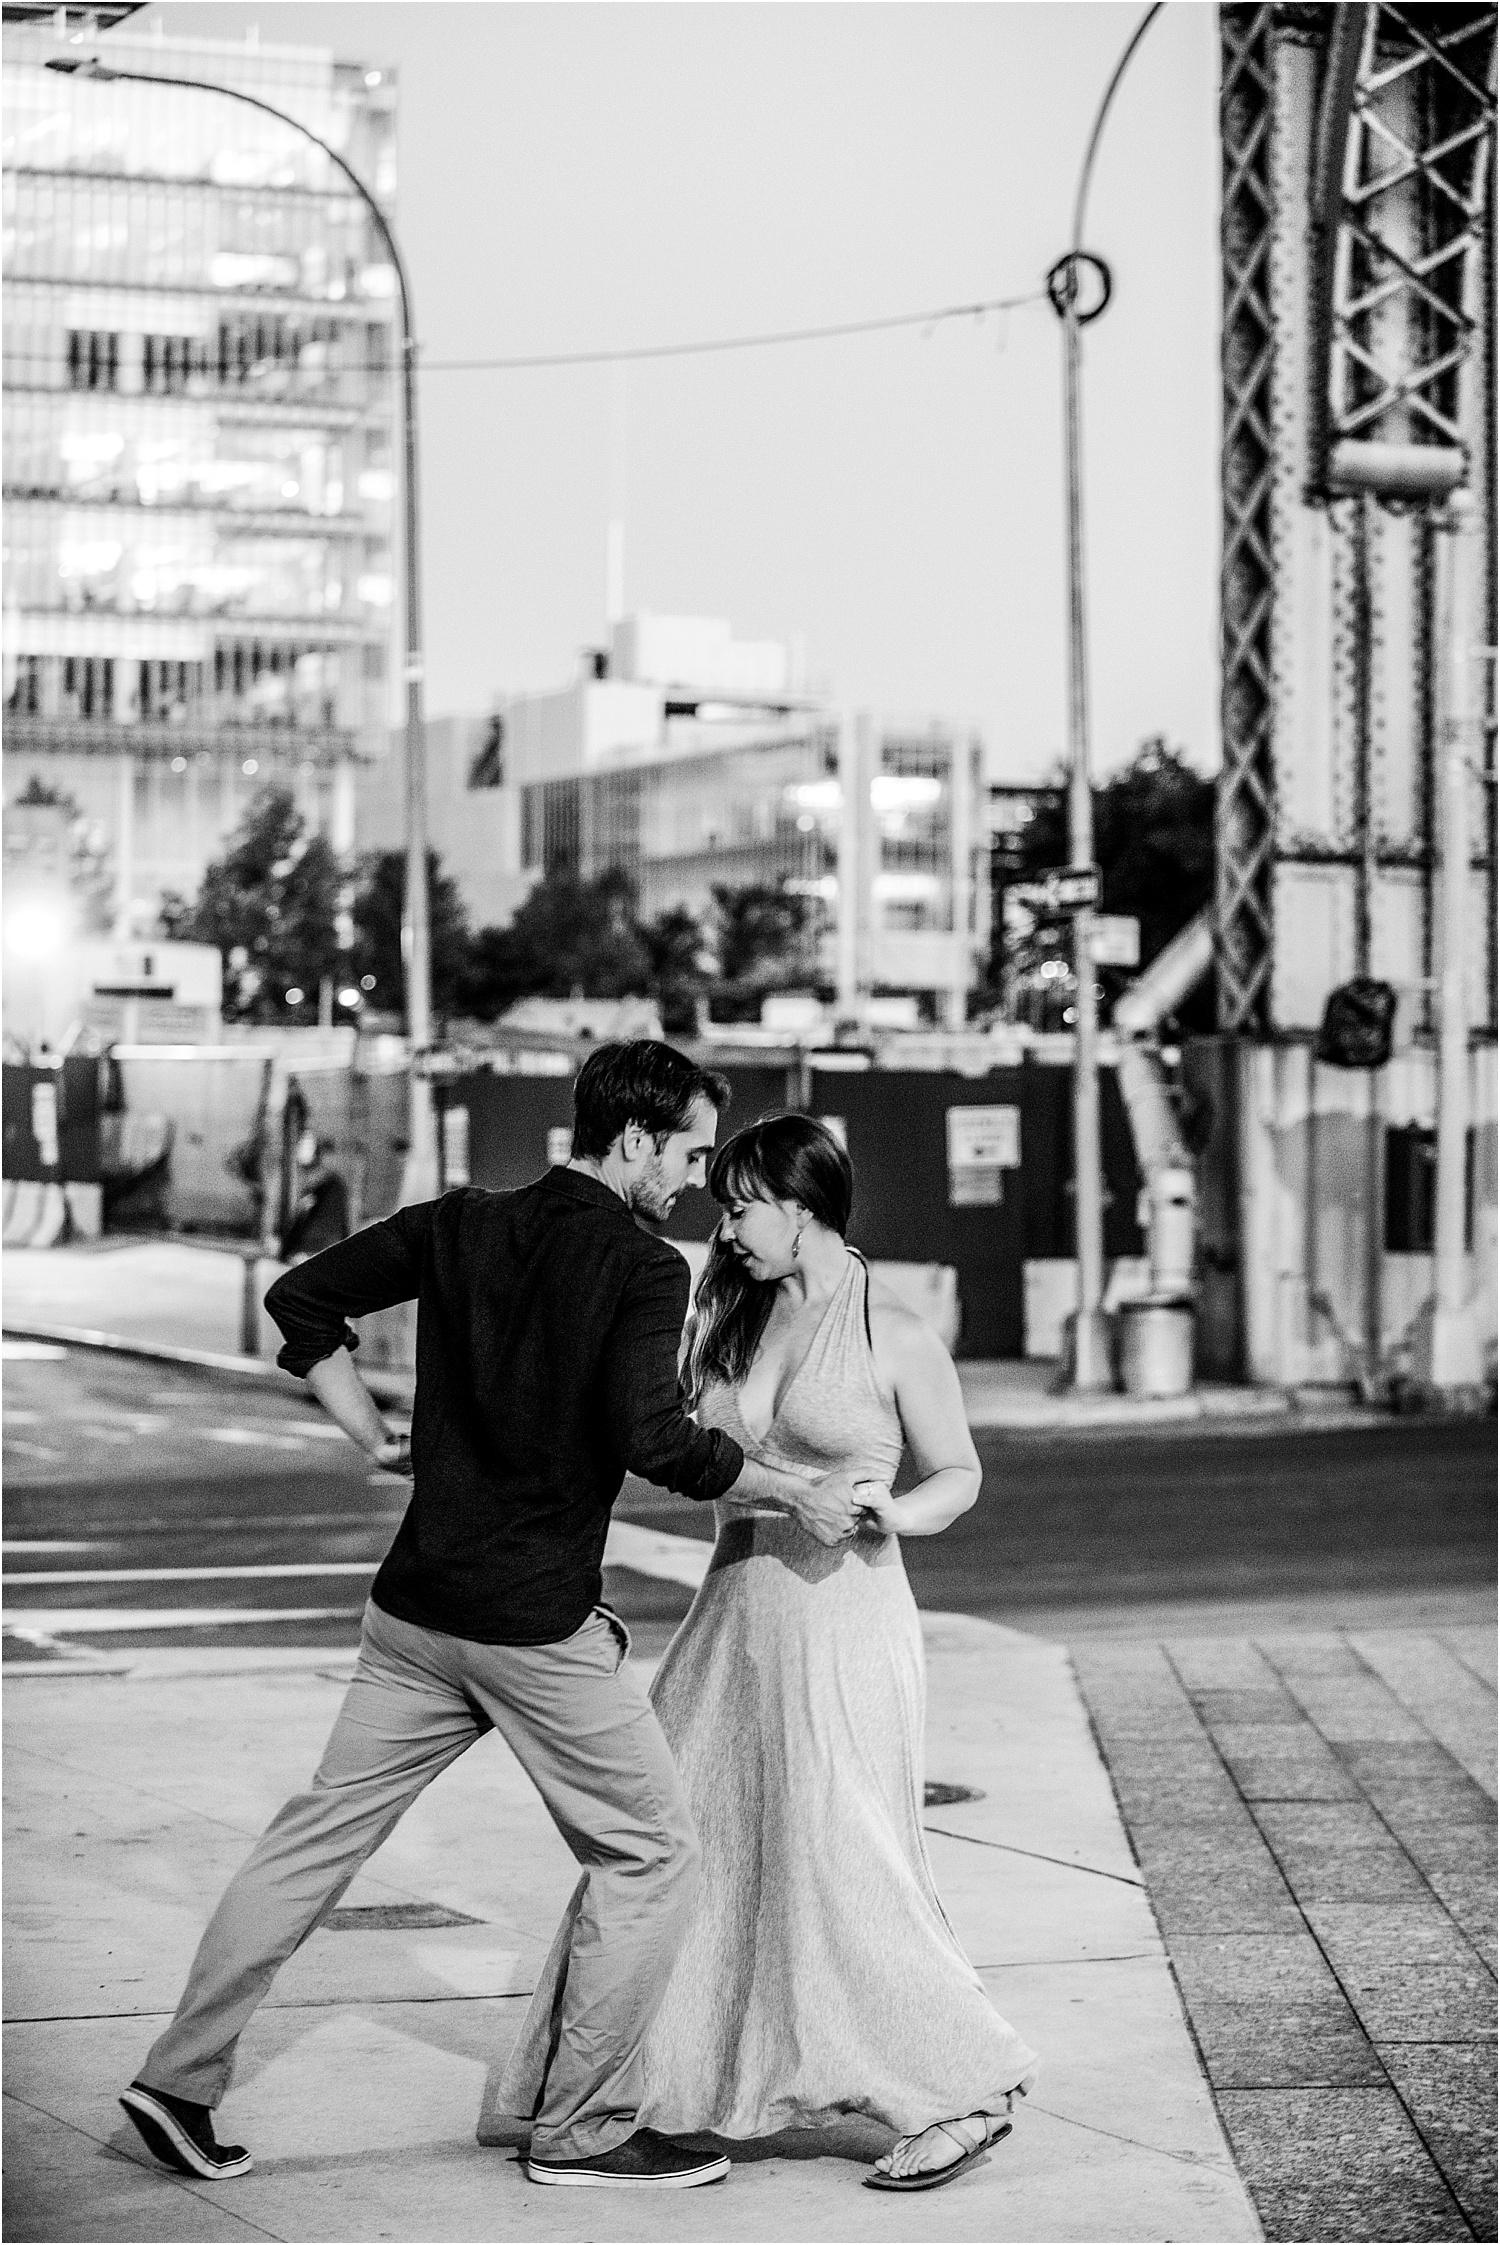 NYC_Engagement_Session_Harlem_Engaged_Photography_033.jpg